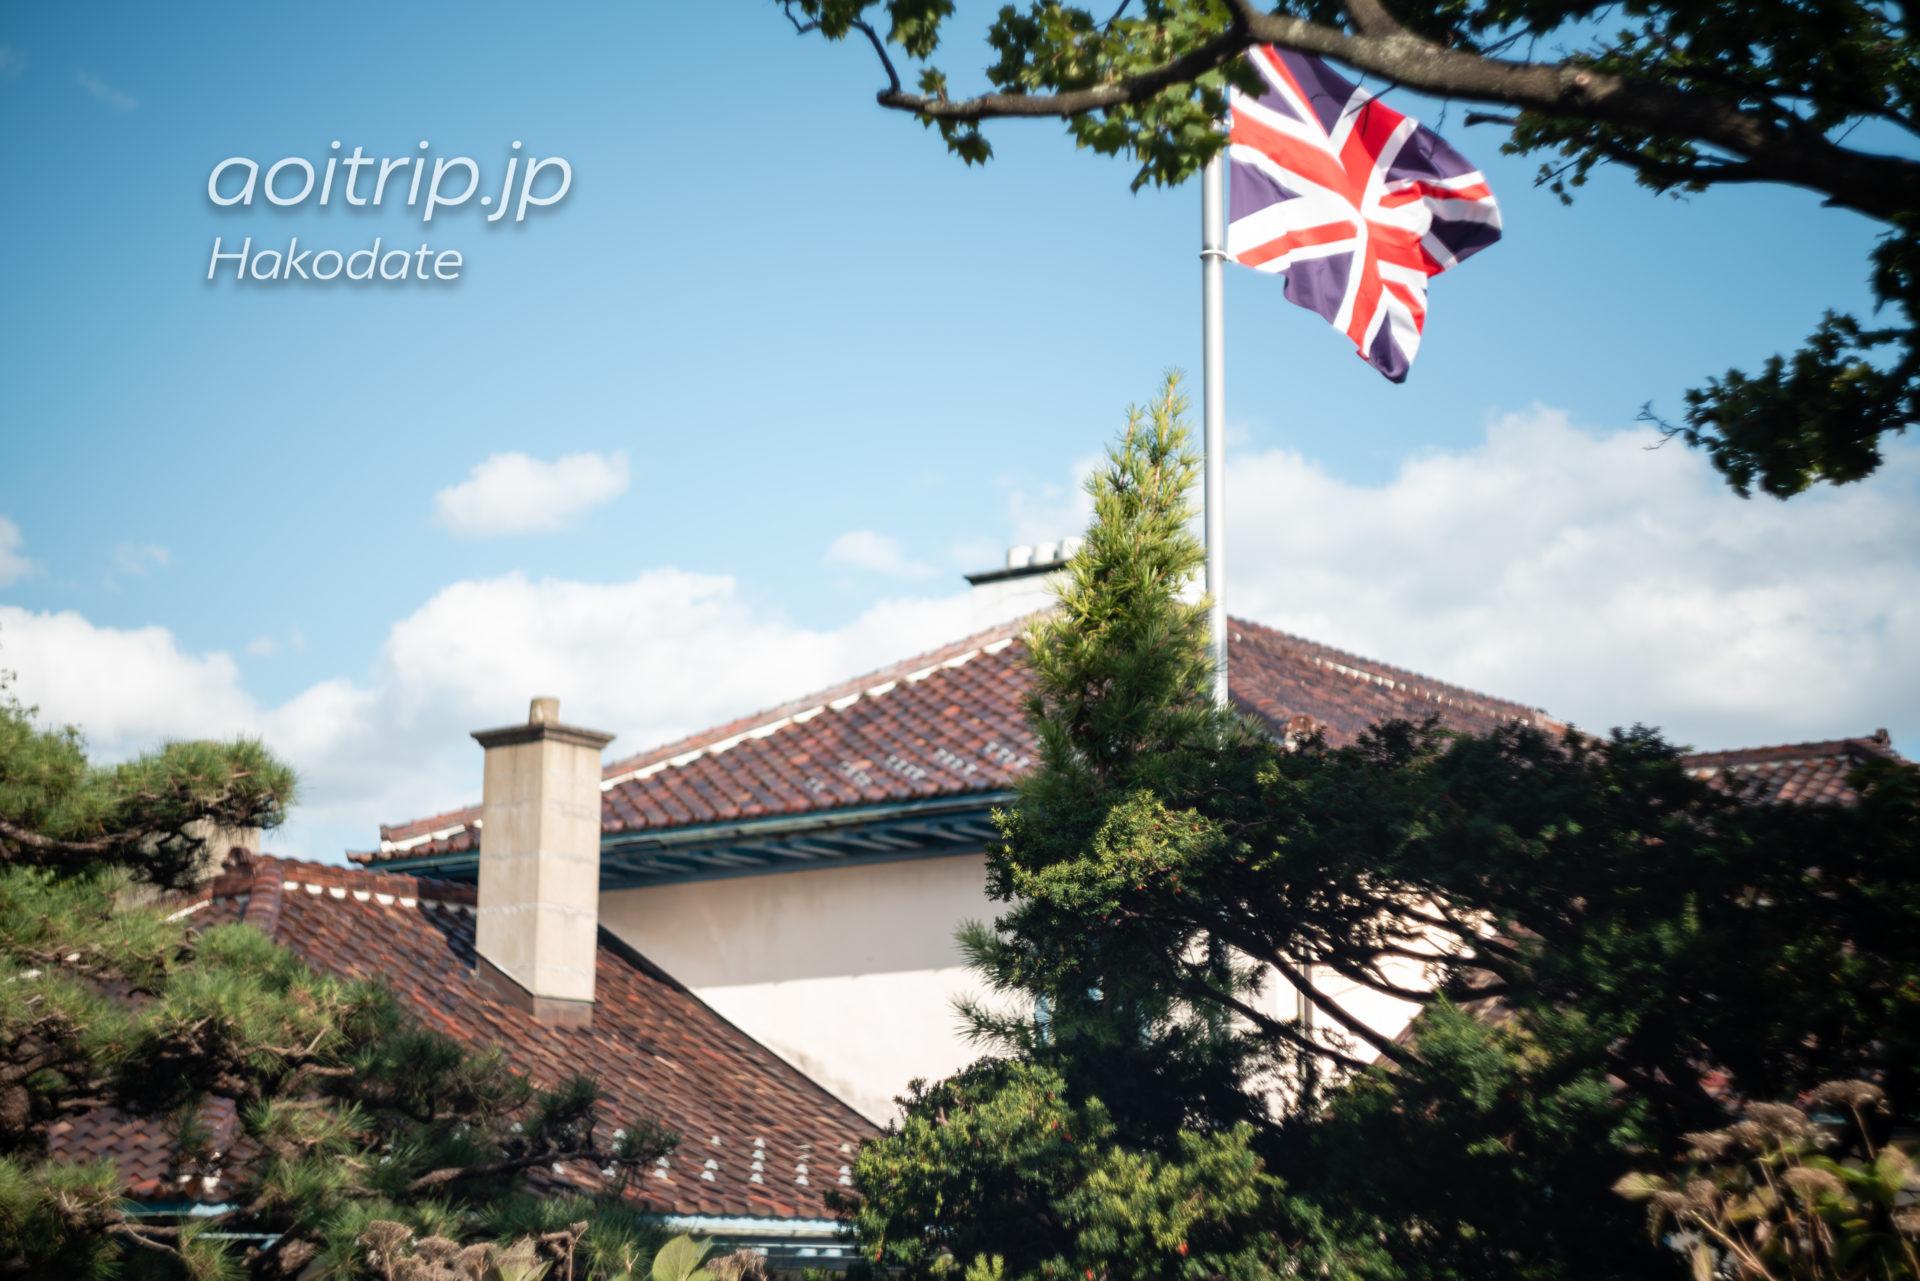 函館市旧イギリス領事館 Former British Consulate of Hakodate